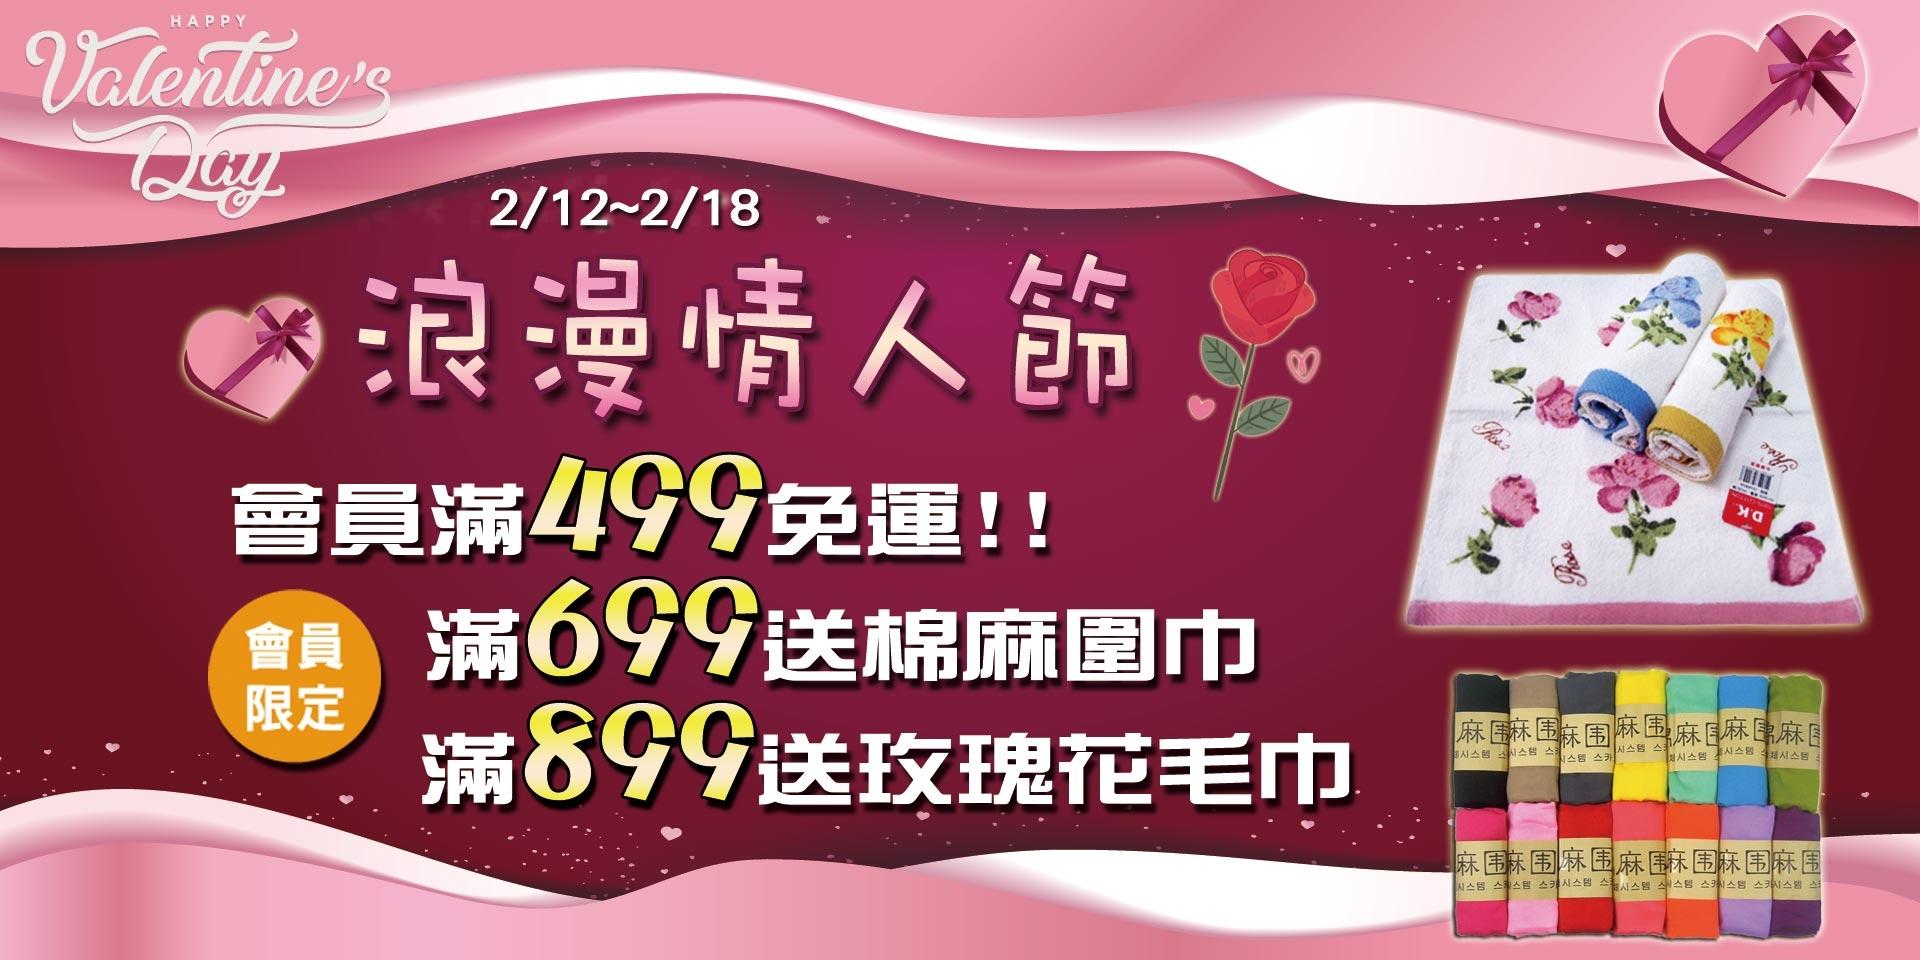 浪漫情人節~會員滿499免運、滿699送棉麻圍巾、滿899送浪漫玫瑰花毛巾!!